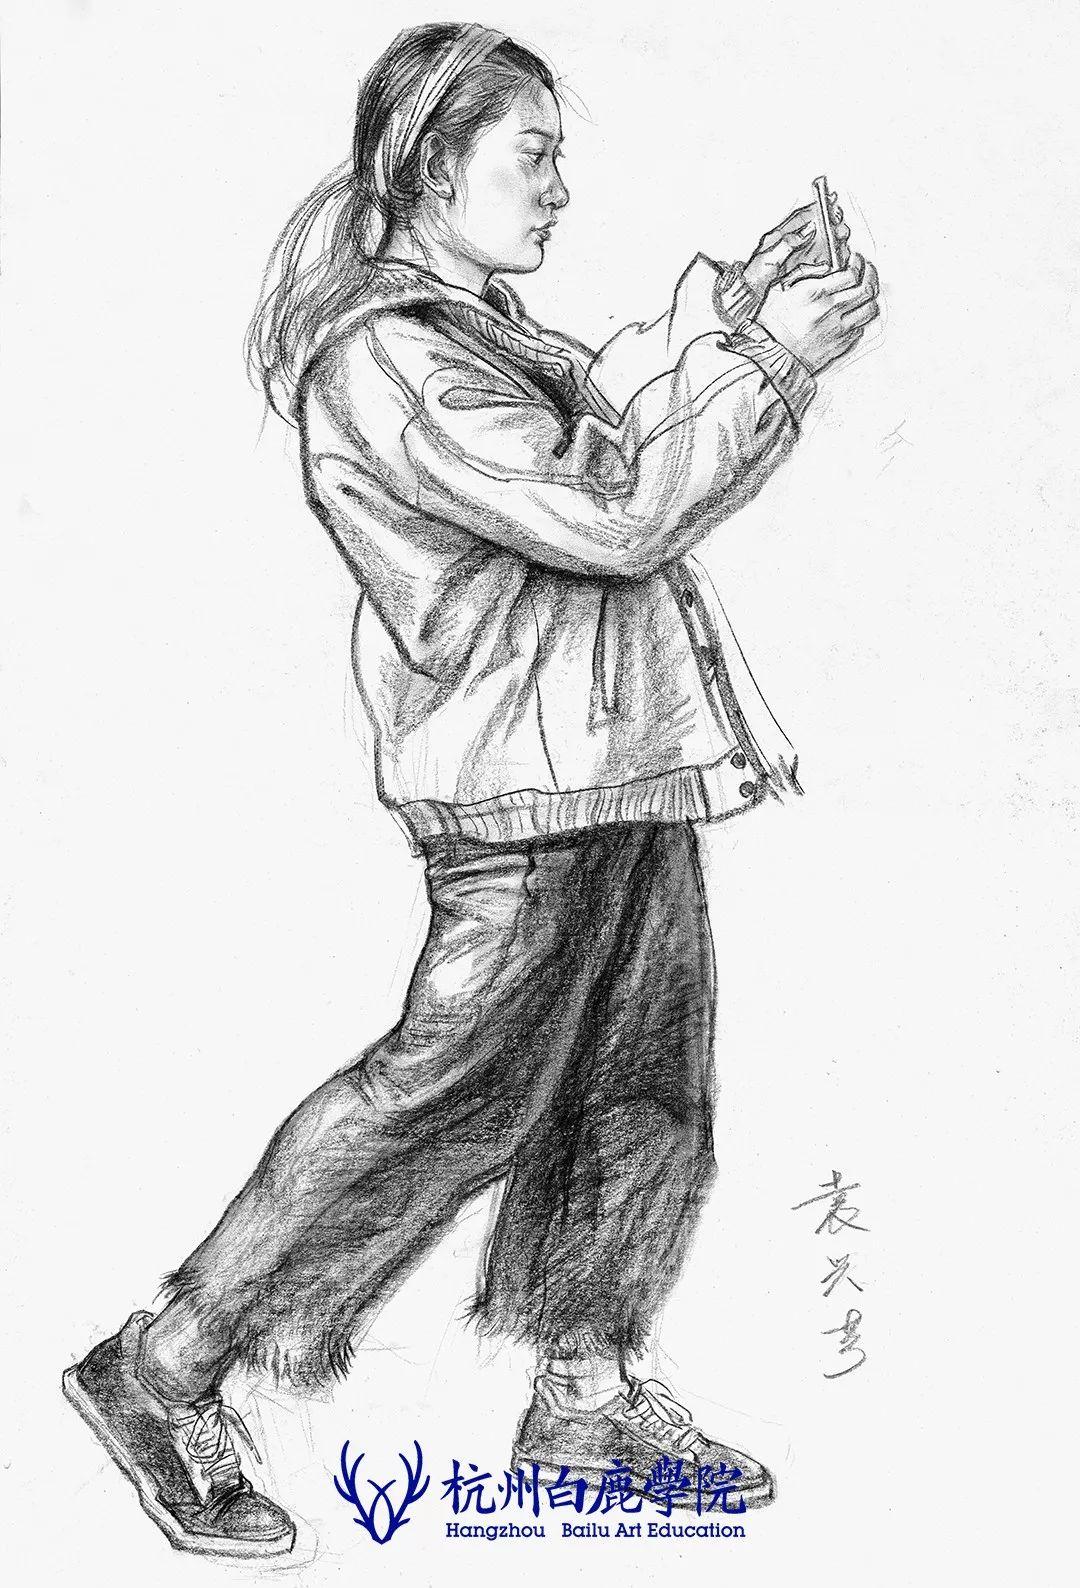 杭州白鹿画室,杭州美术校考,中国美术学院       06